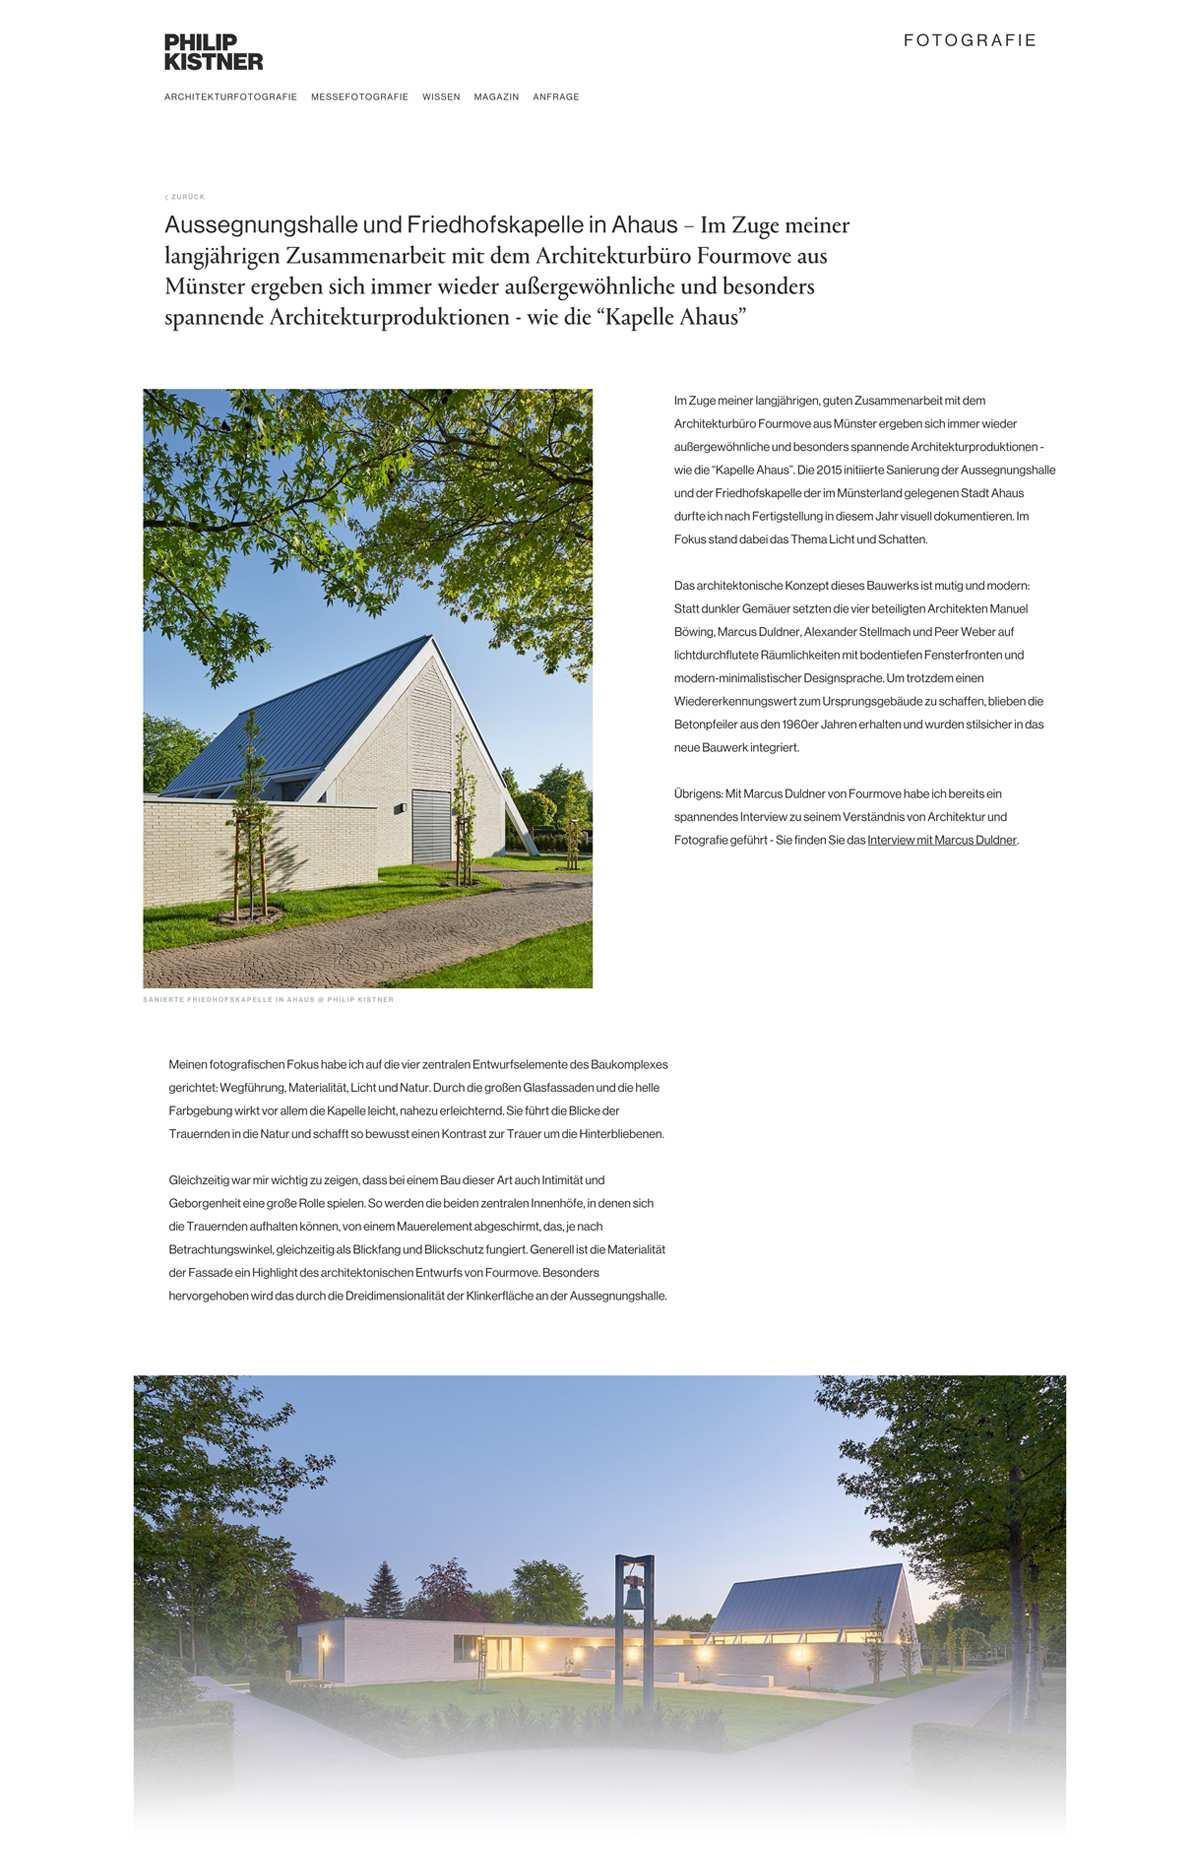 Detailseite Magazin Desktop - Philip Kistner